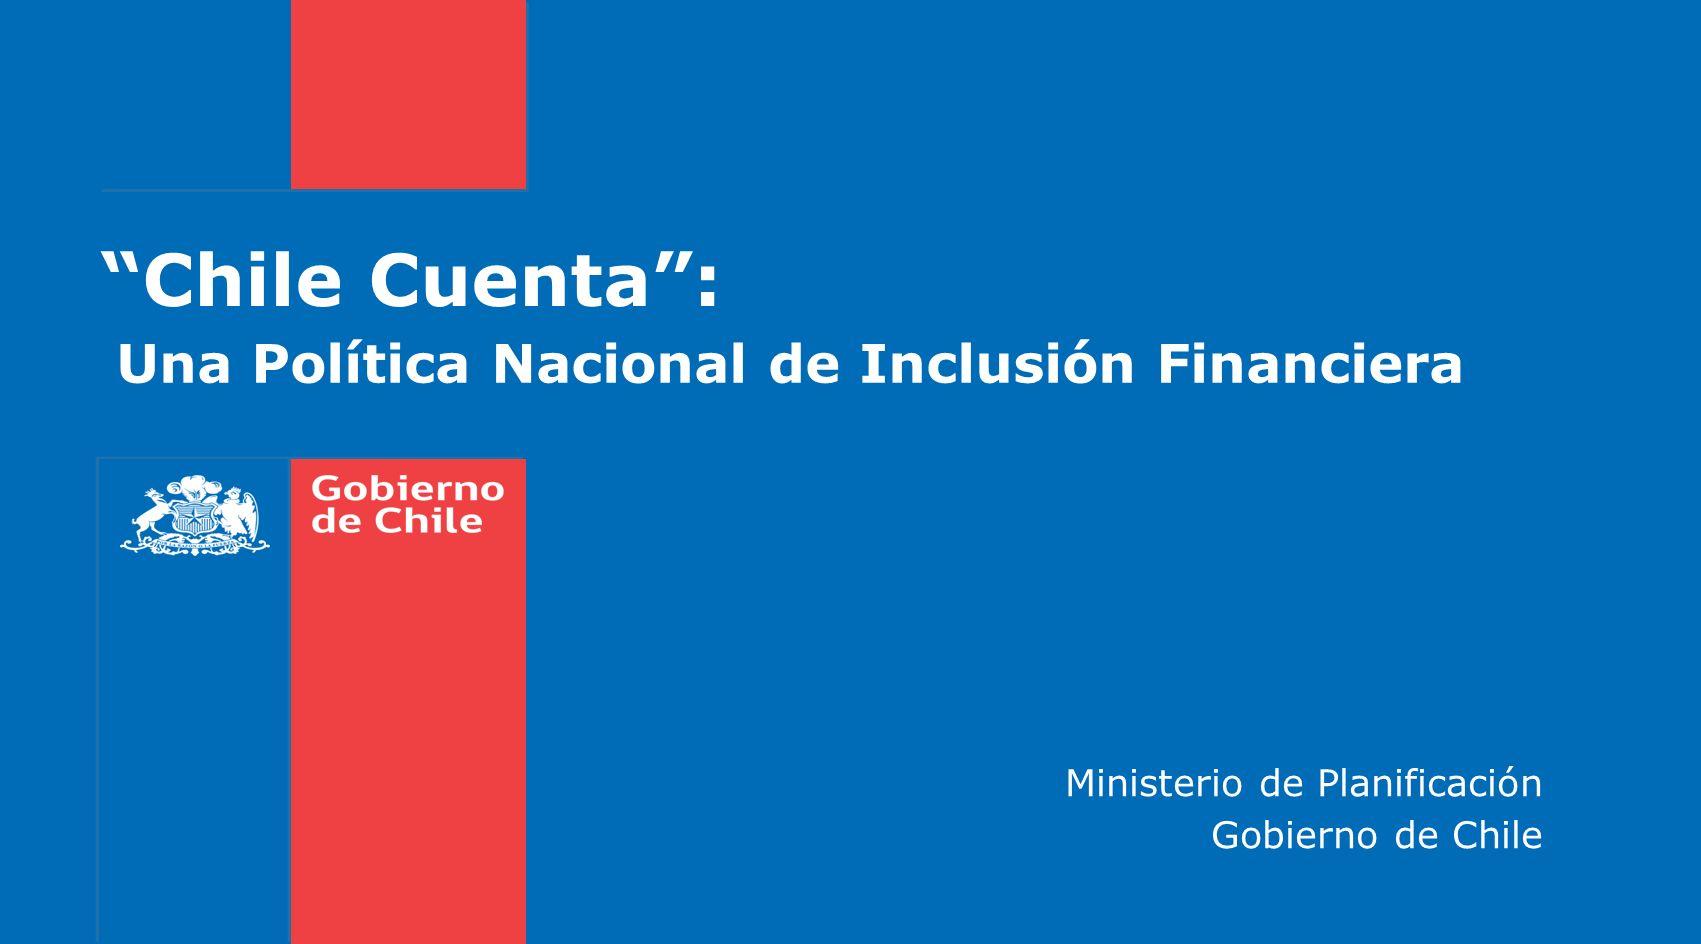 Ministerio de Planificación Gobierno de Chile